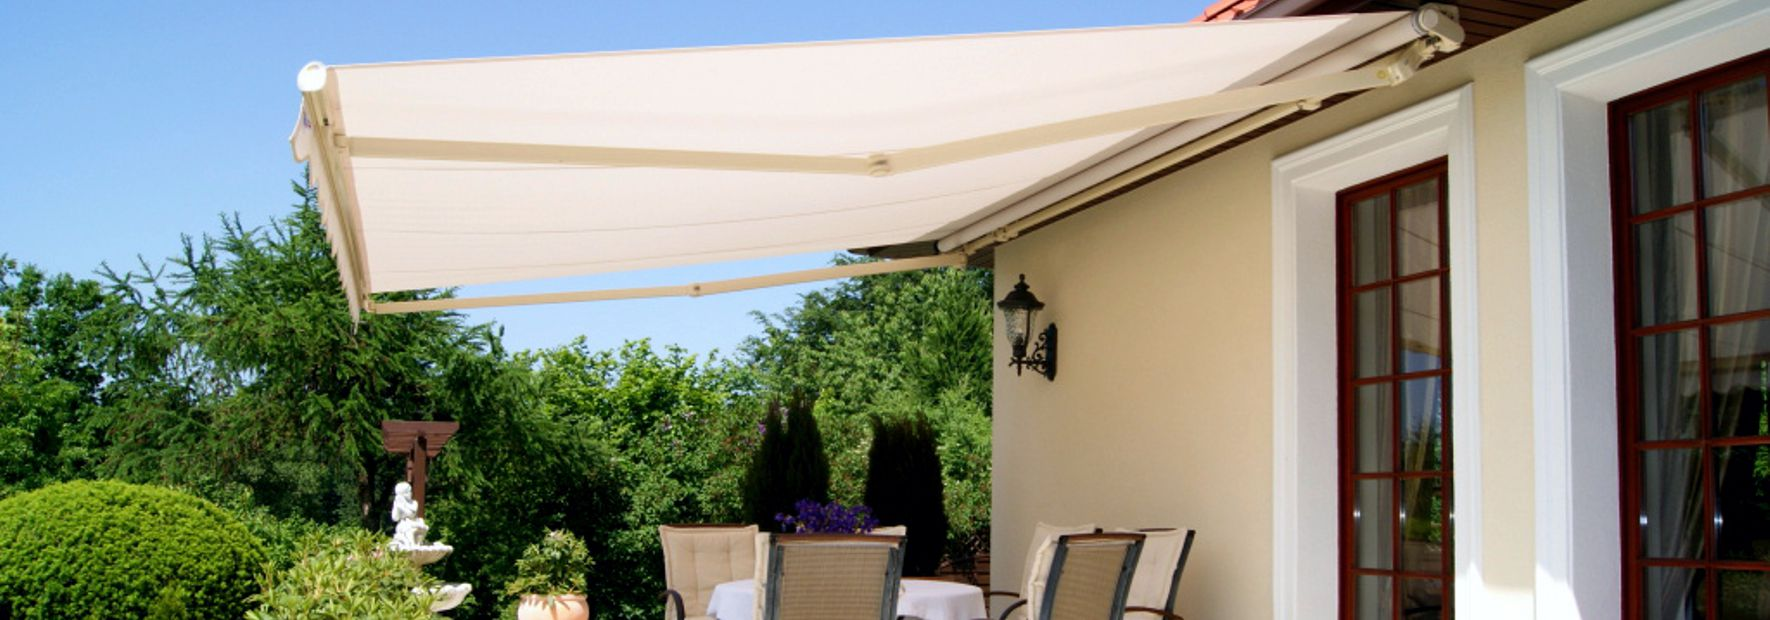 jalousie plissee lamellen fenster rollladen markisen sonnenschutz nach ma. Black Bedroom Furniture Sets. Home Design Ideas